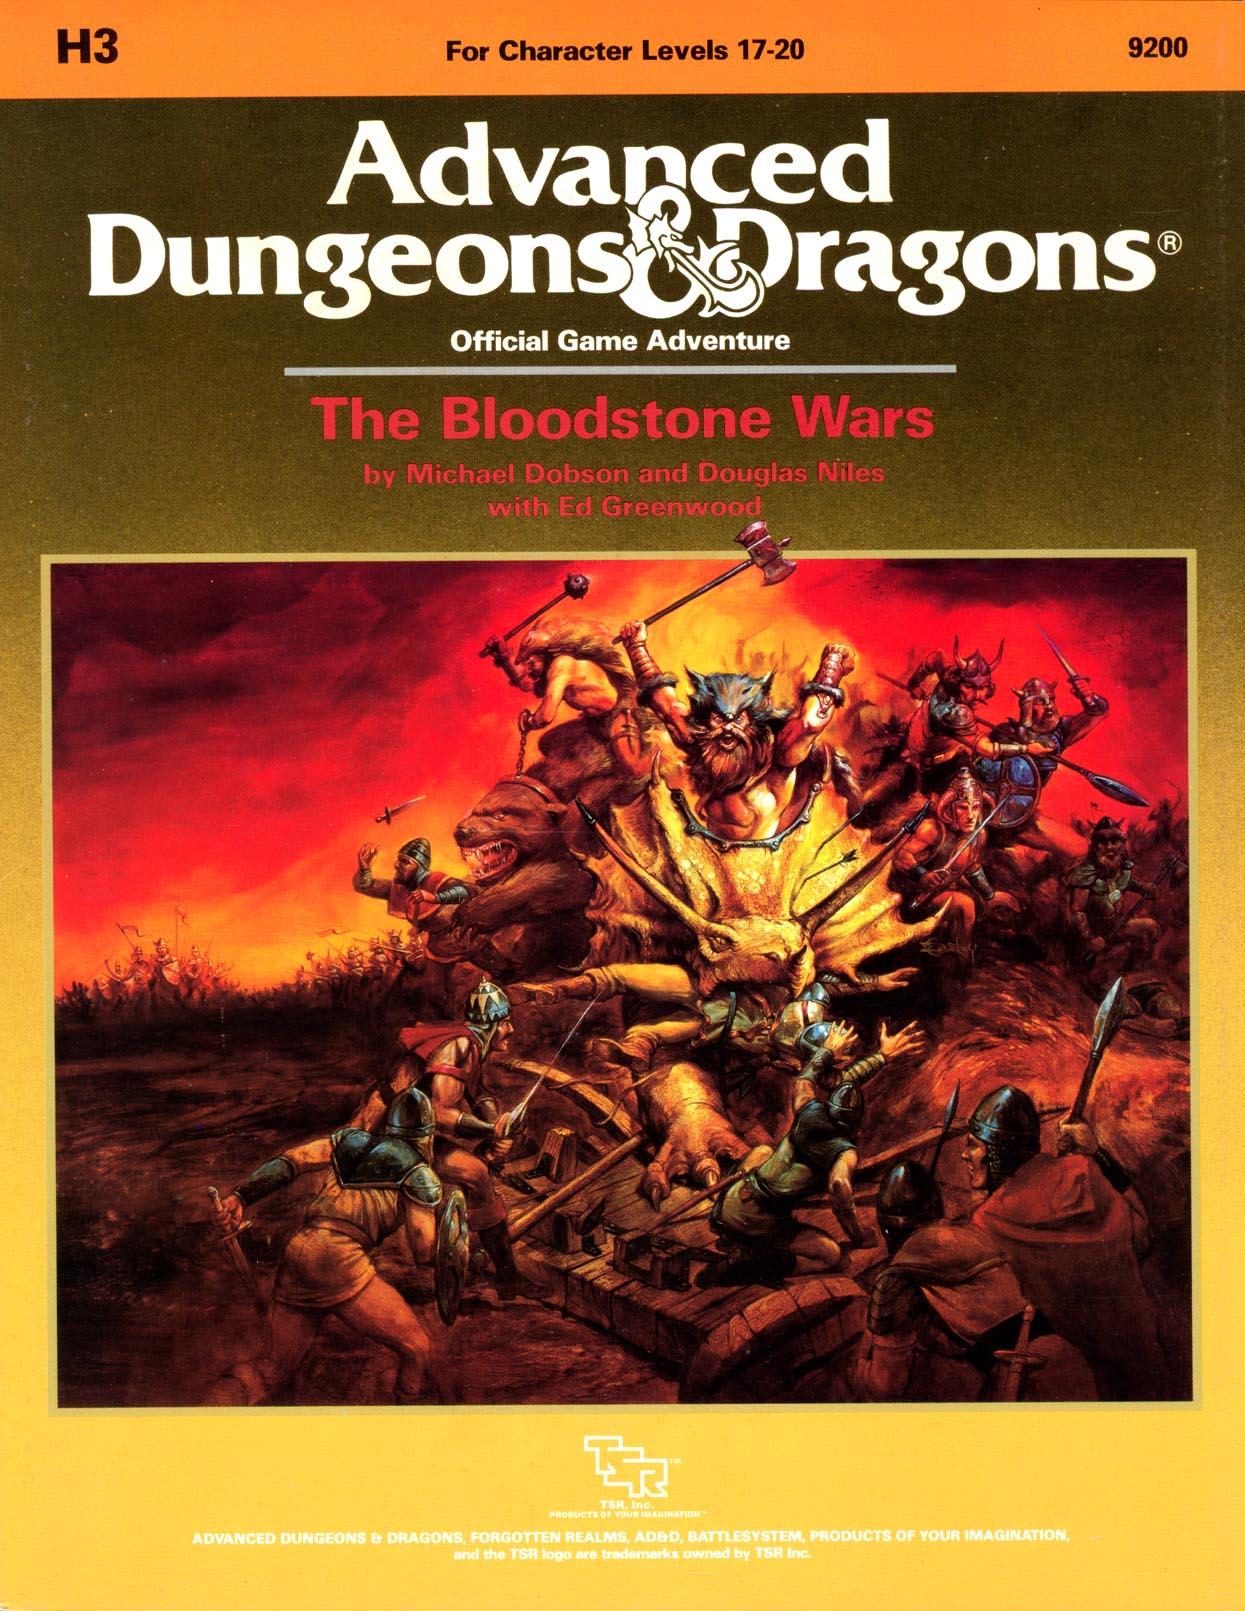 The Bloodstone Wars